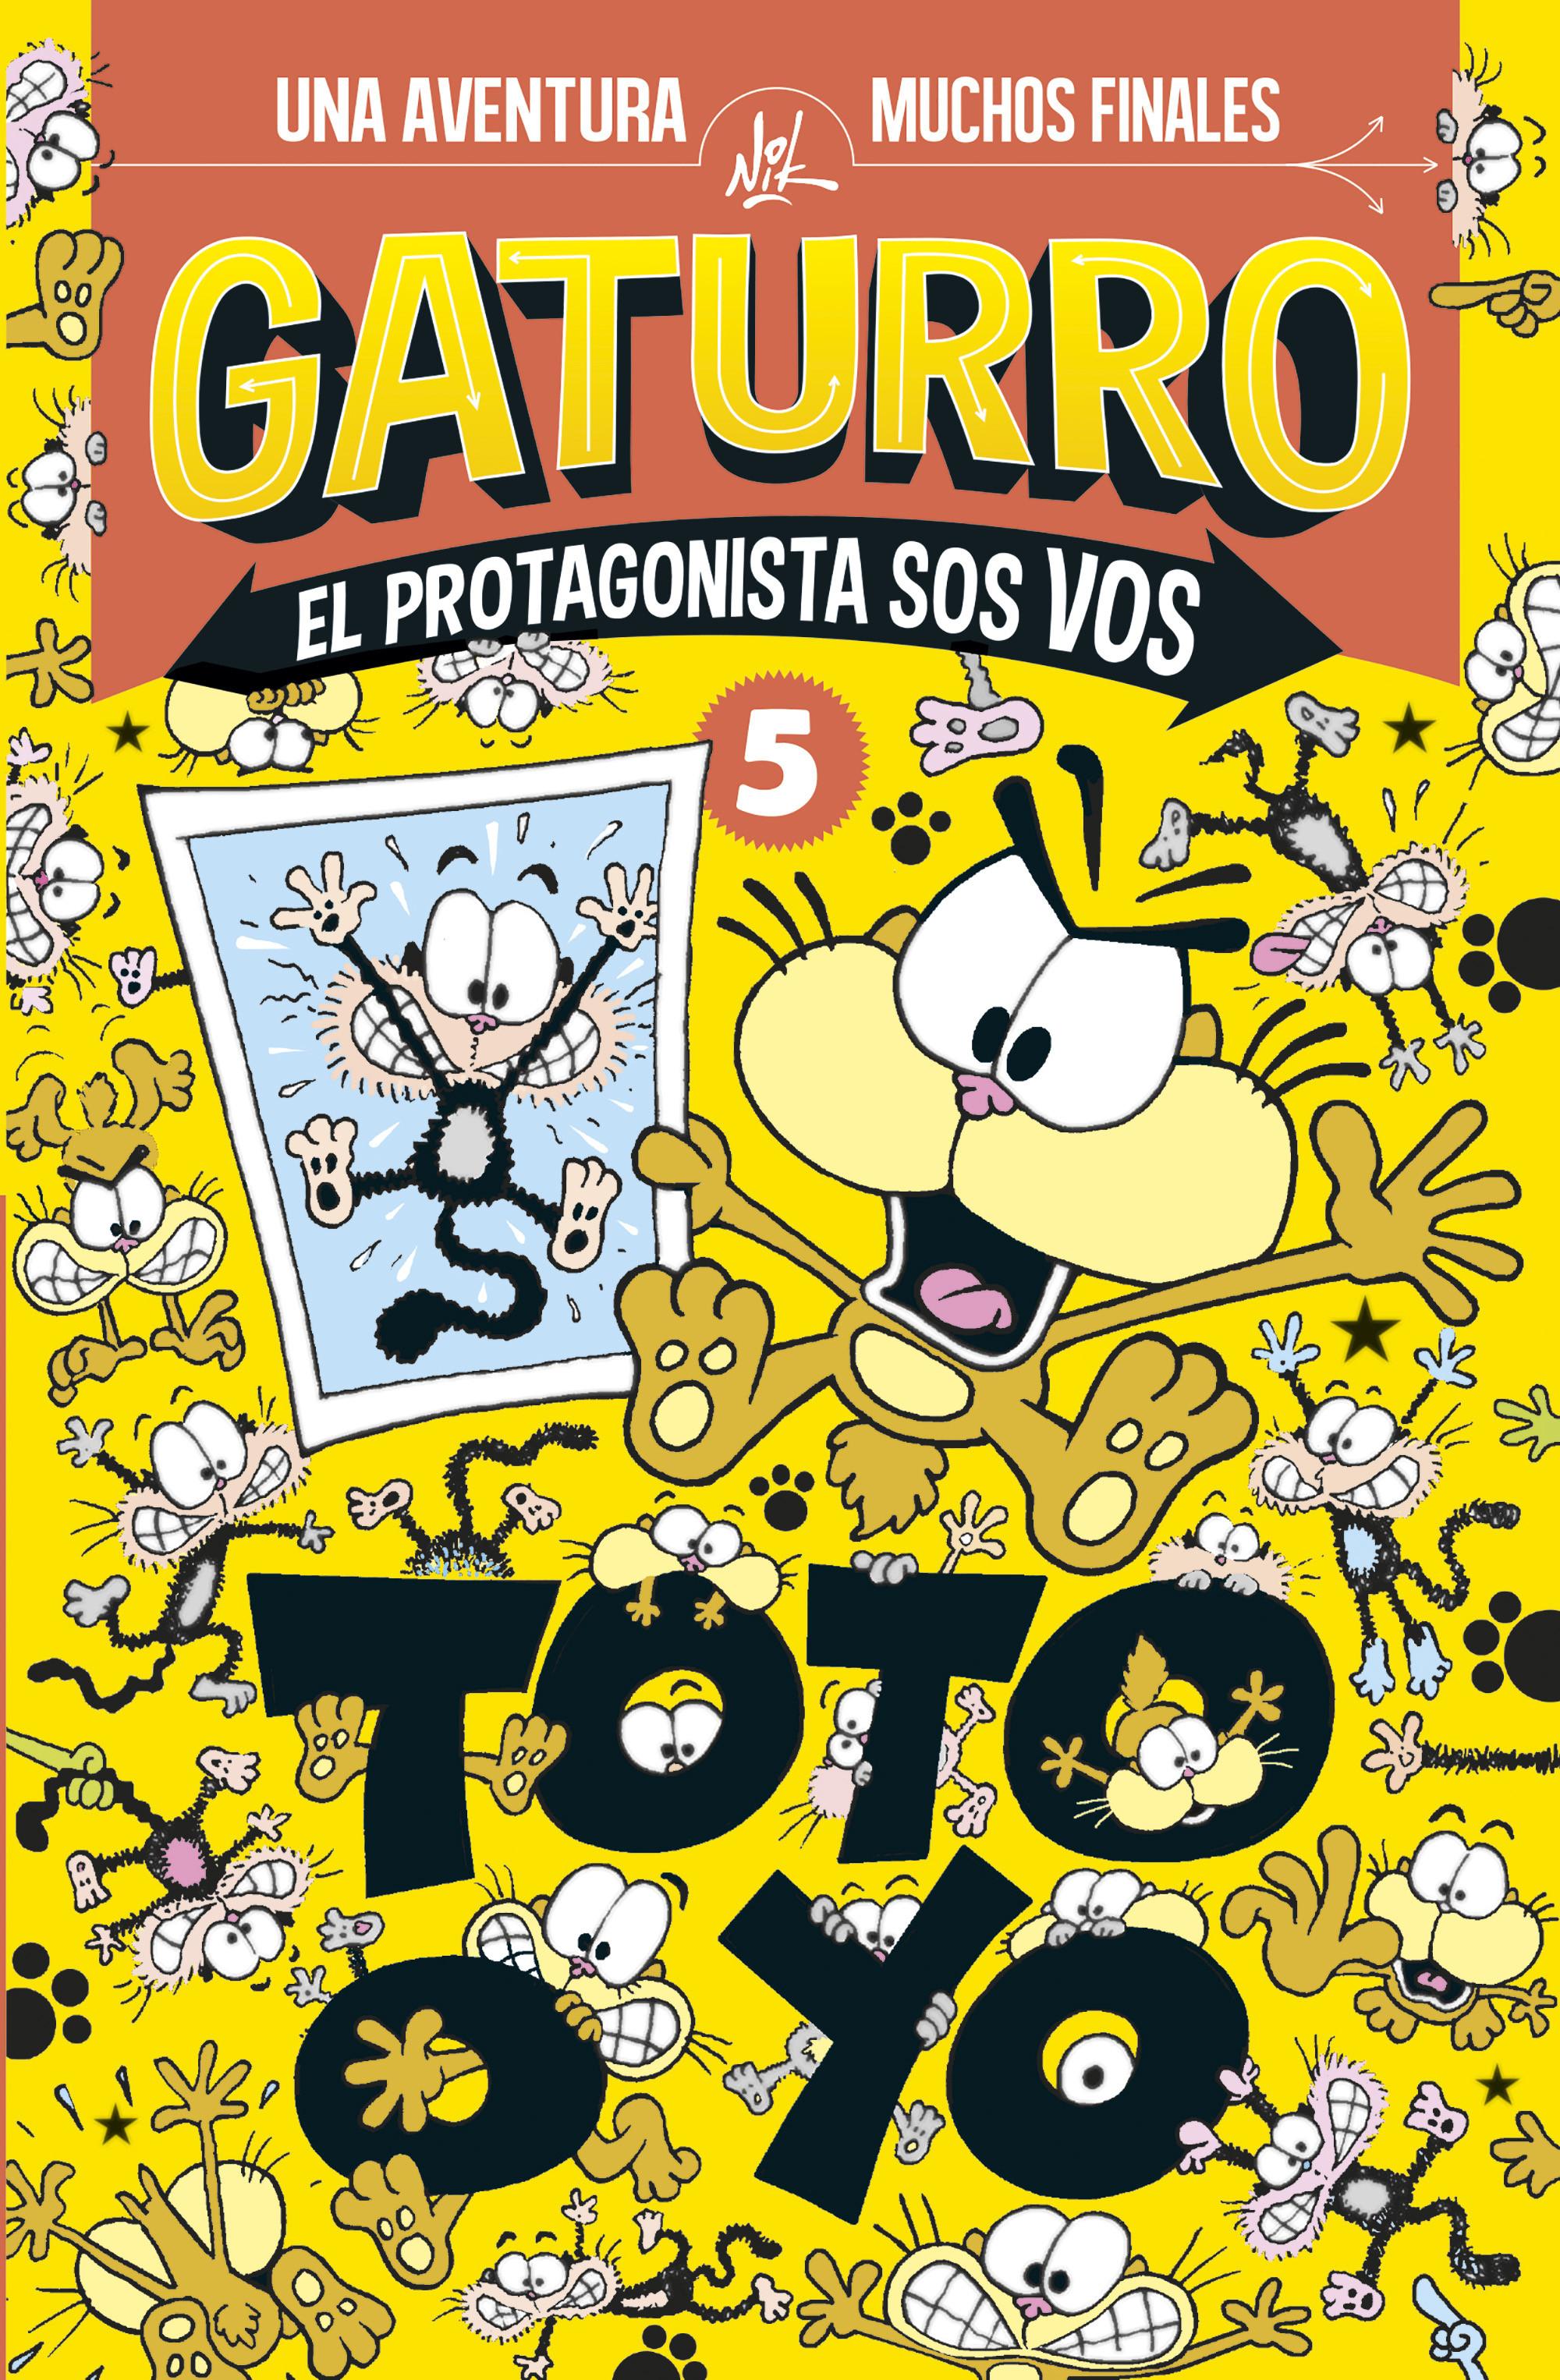 Toto o yo (Gaturro. El protagonista sos vos 5)